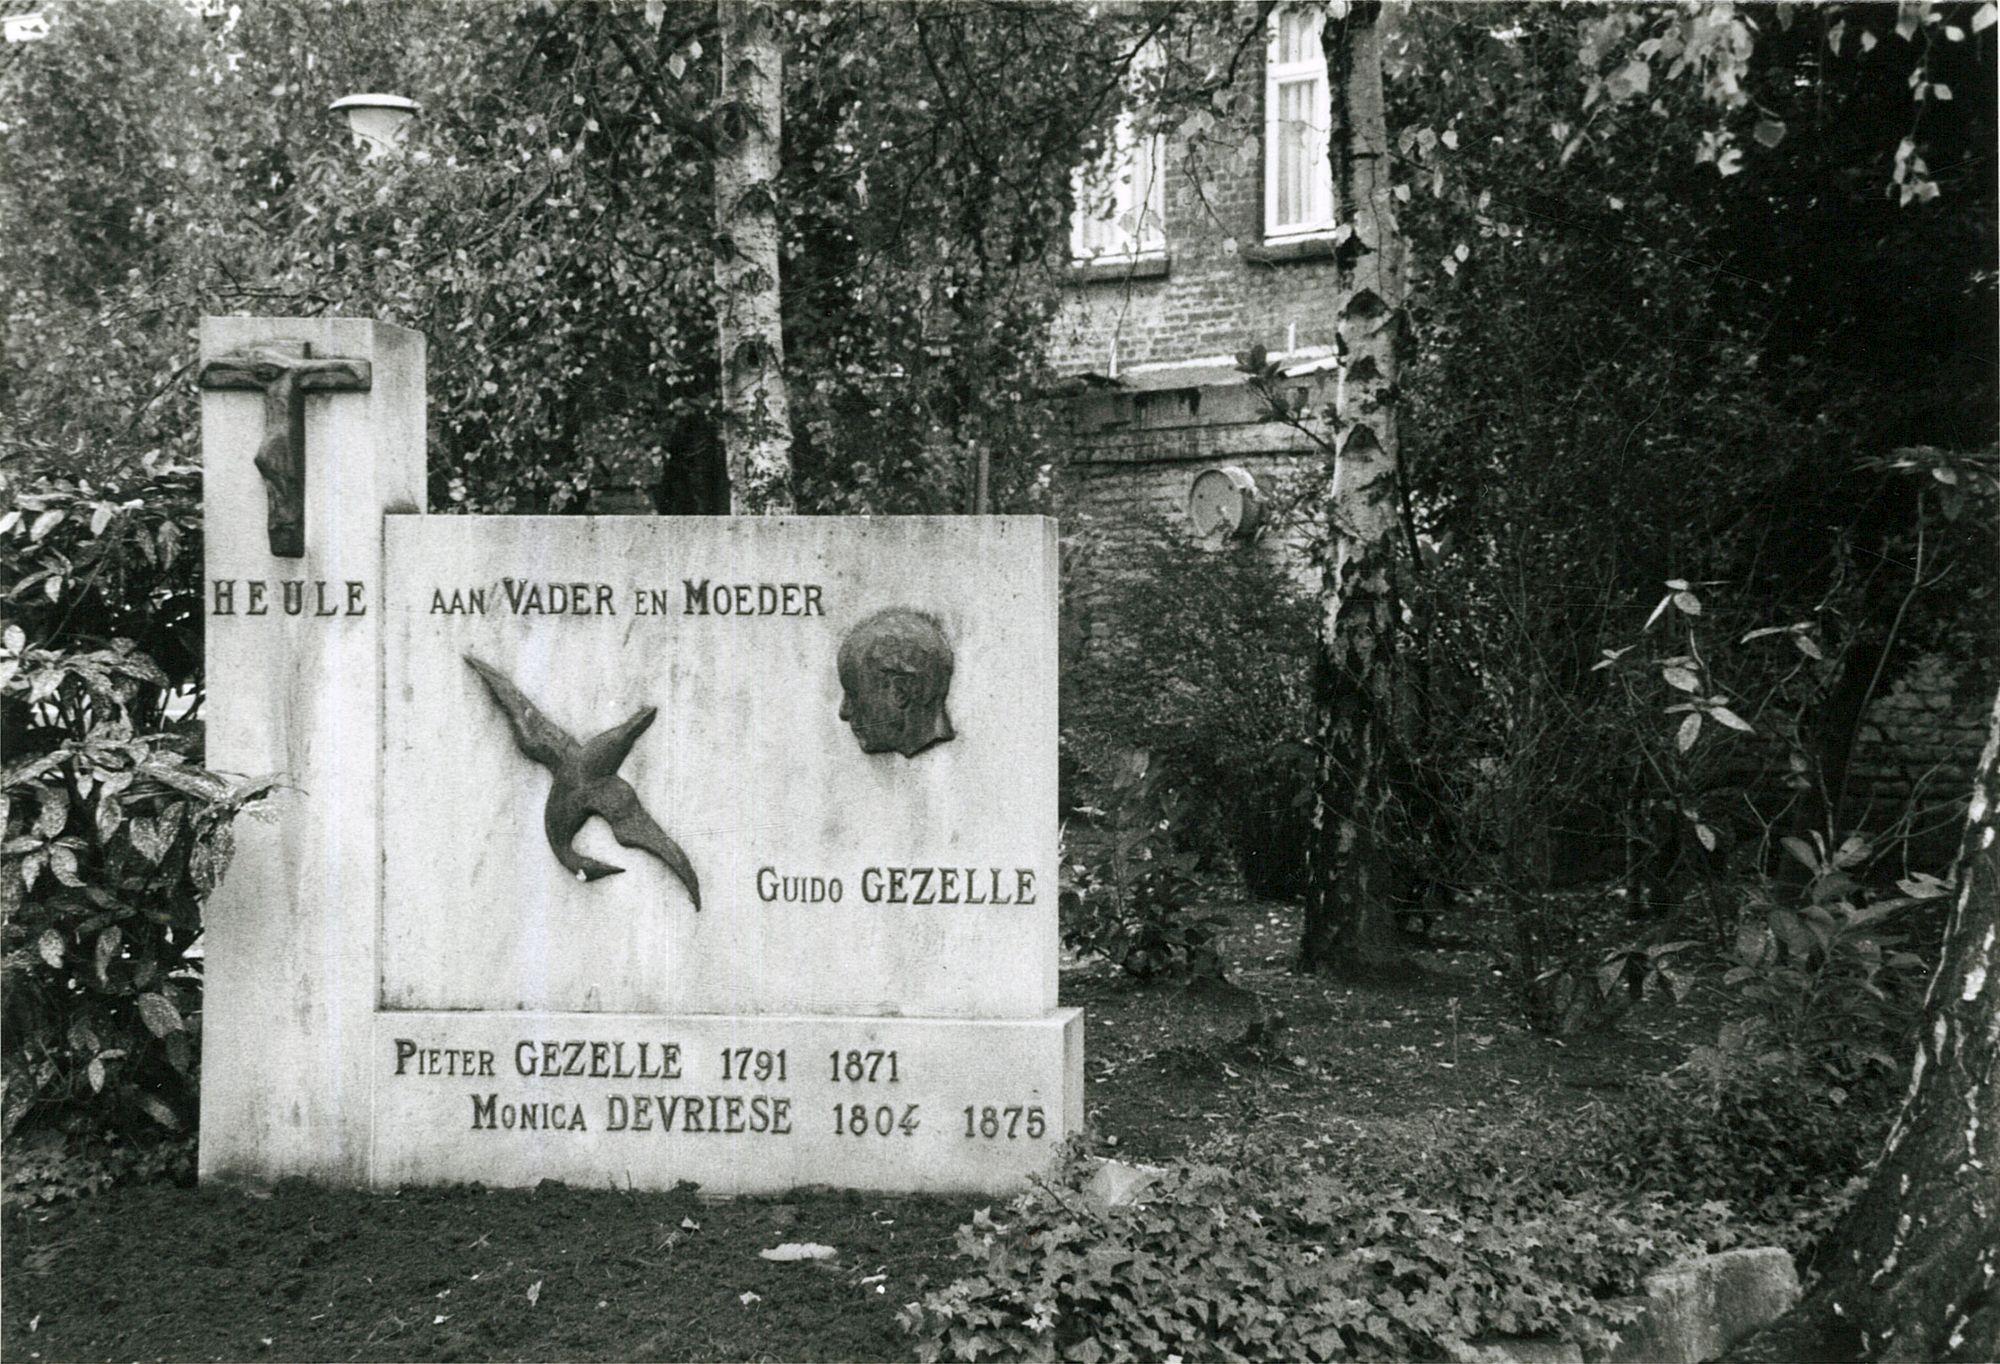 Gedenksteen voor de ouders van Guido Gezelle